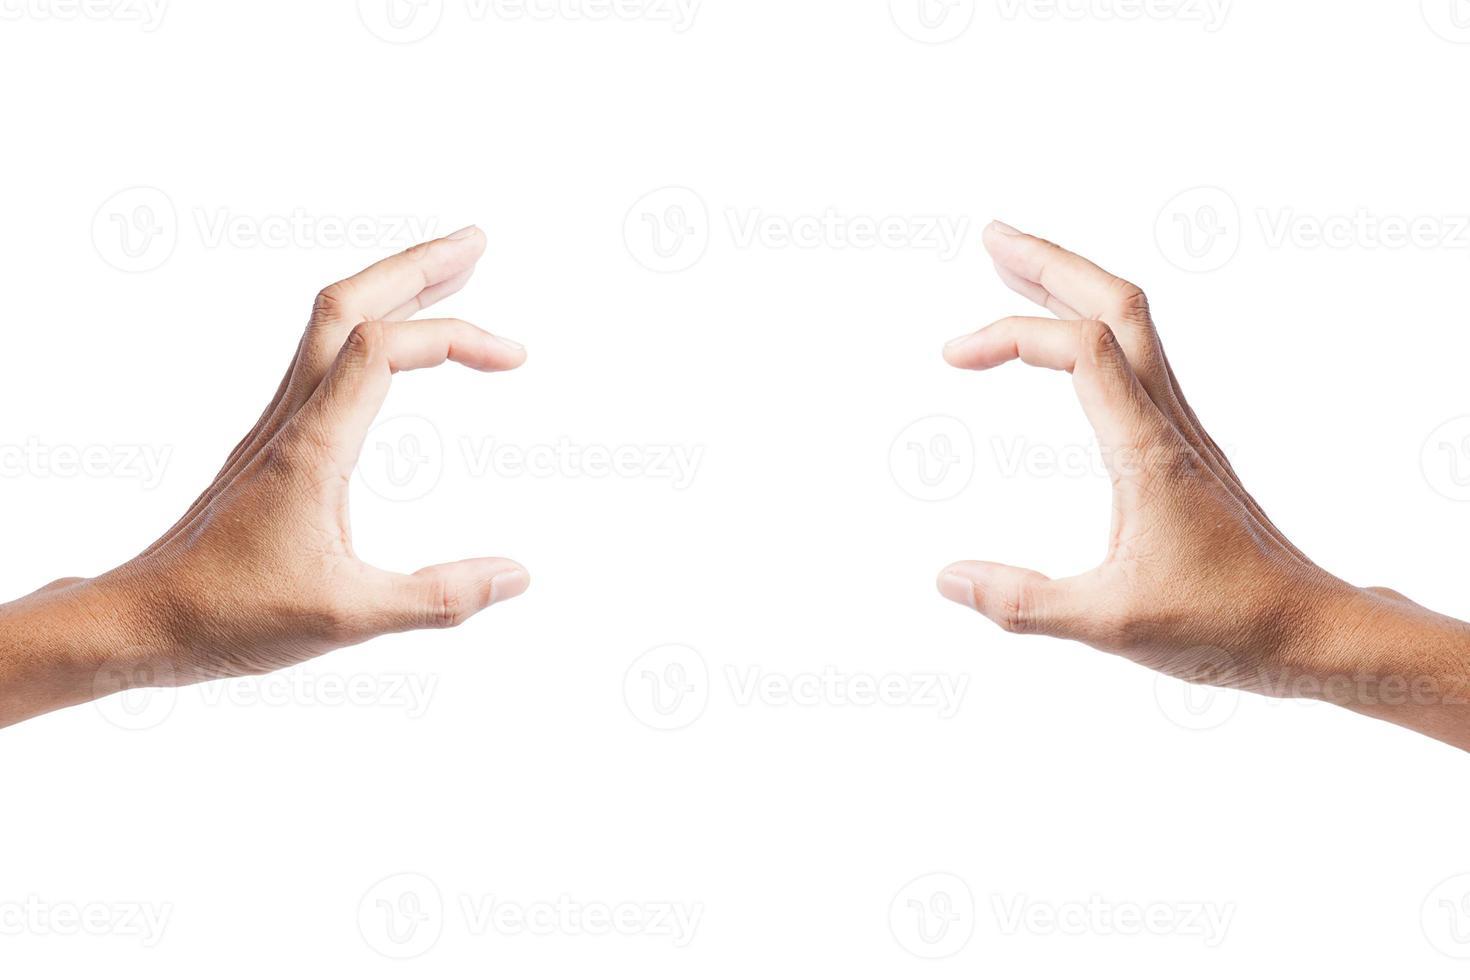 mannenhand geïsoleerd op een witte achtergrond foto